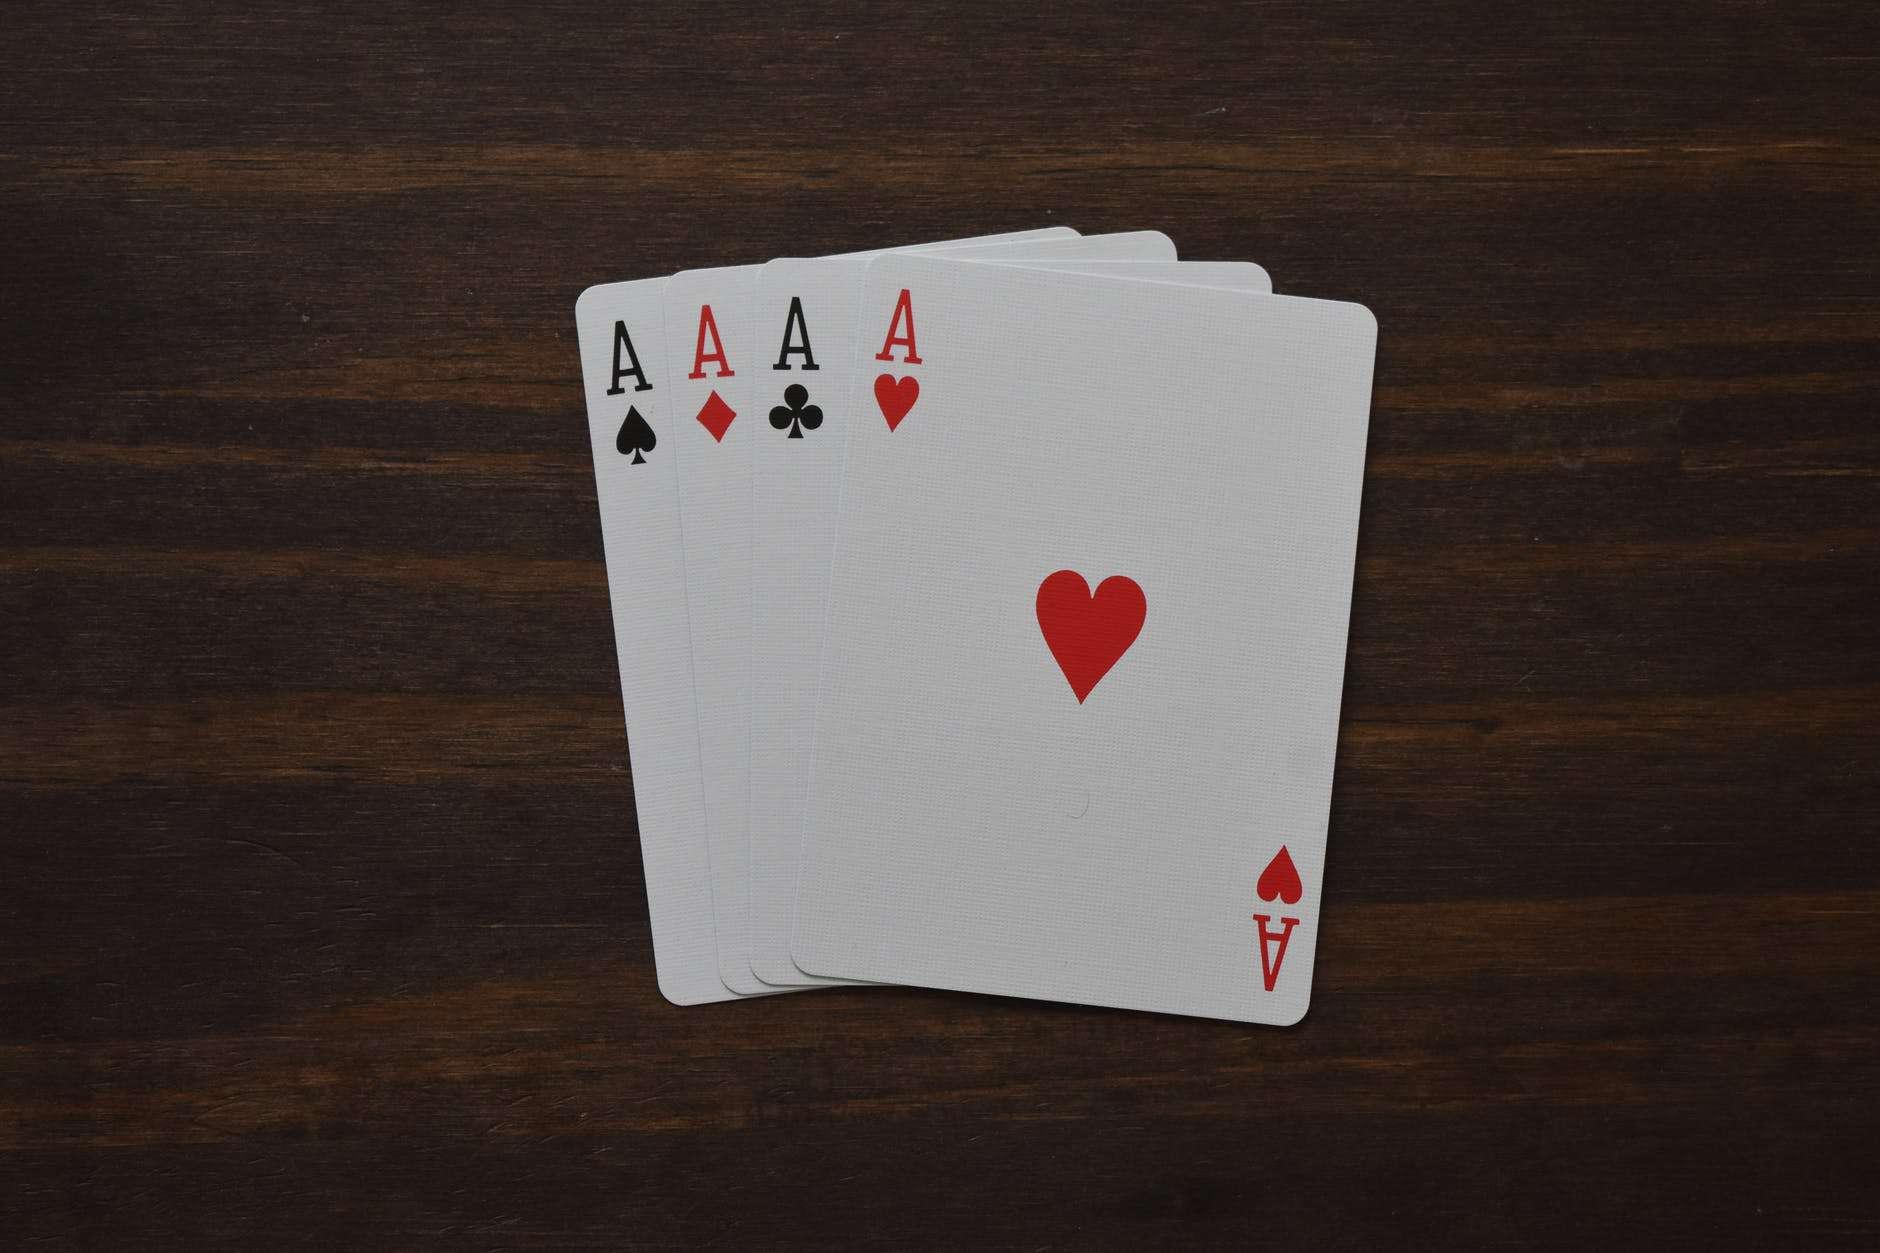 Stijging in aantal aanbieders online poker in 2021 verwacht